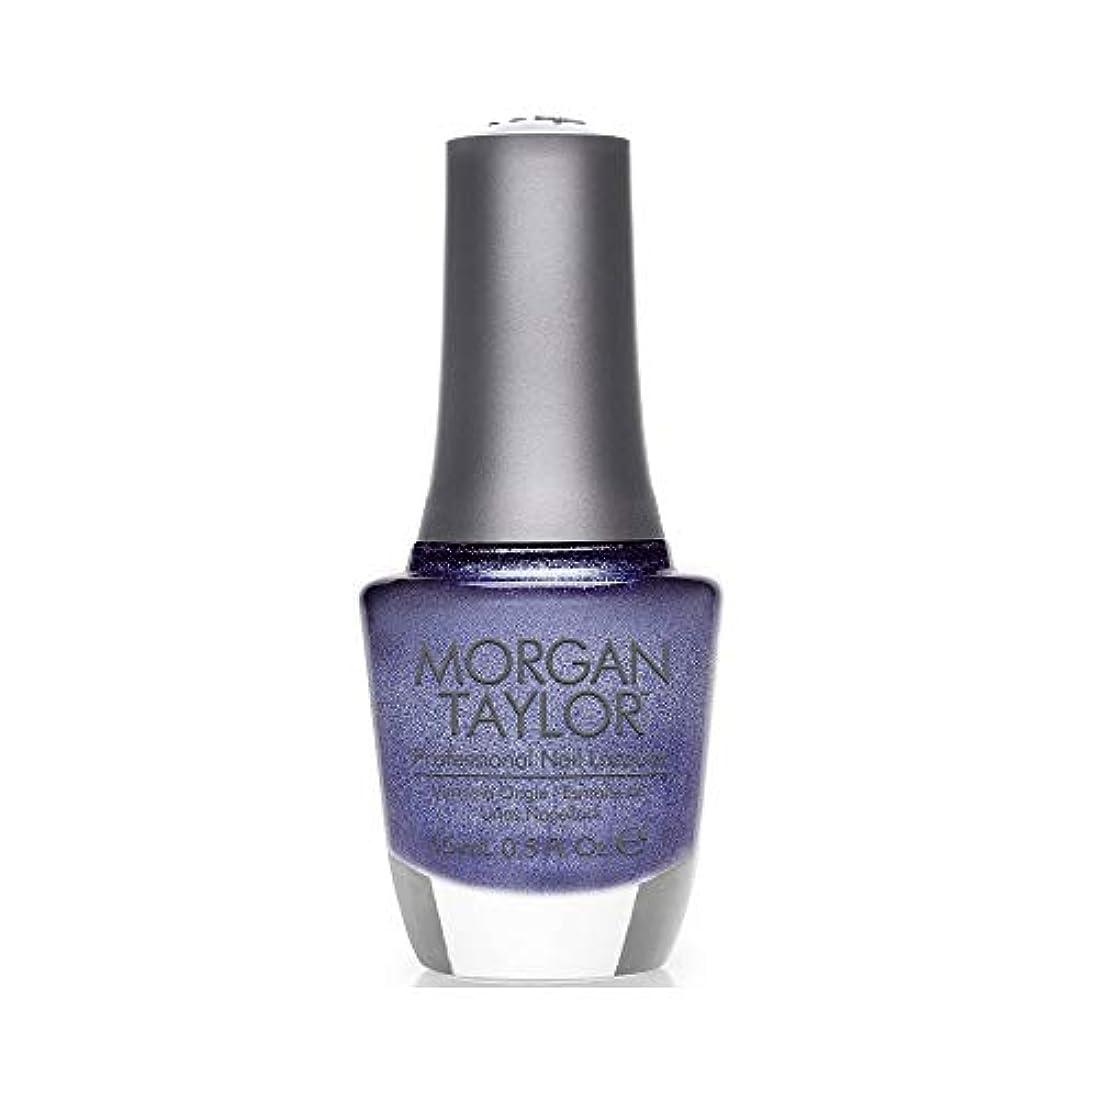 断言する傾いたイヤホンMorgan Taylor - Professional Nail Lacquer - Rhythm and Blues - 15 mL/0.5oz